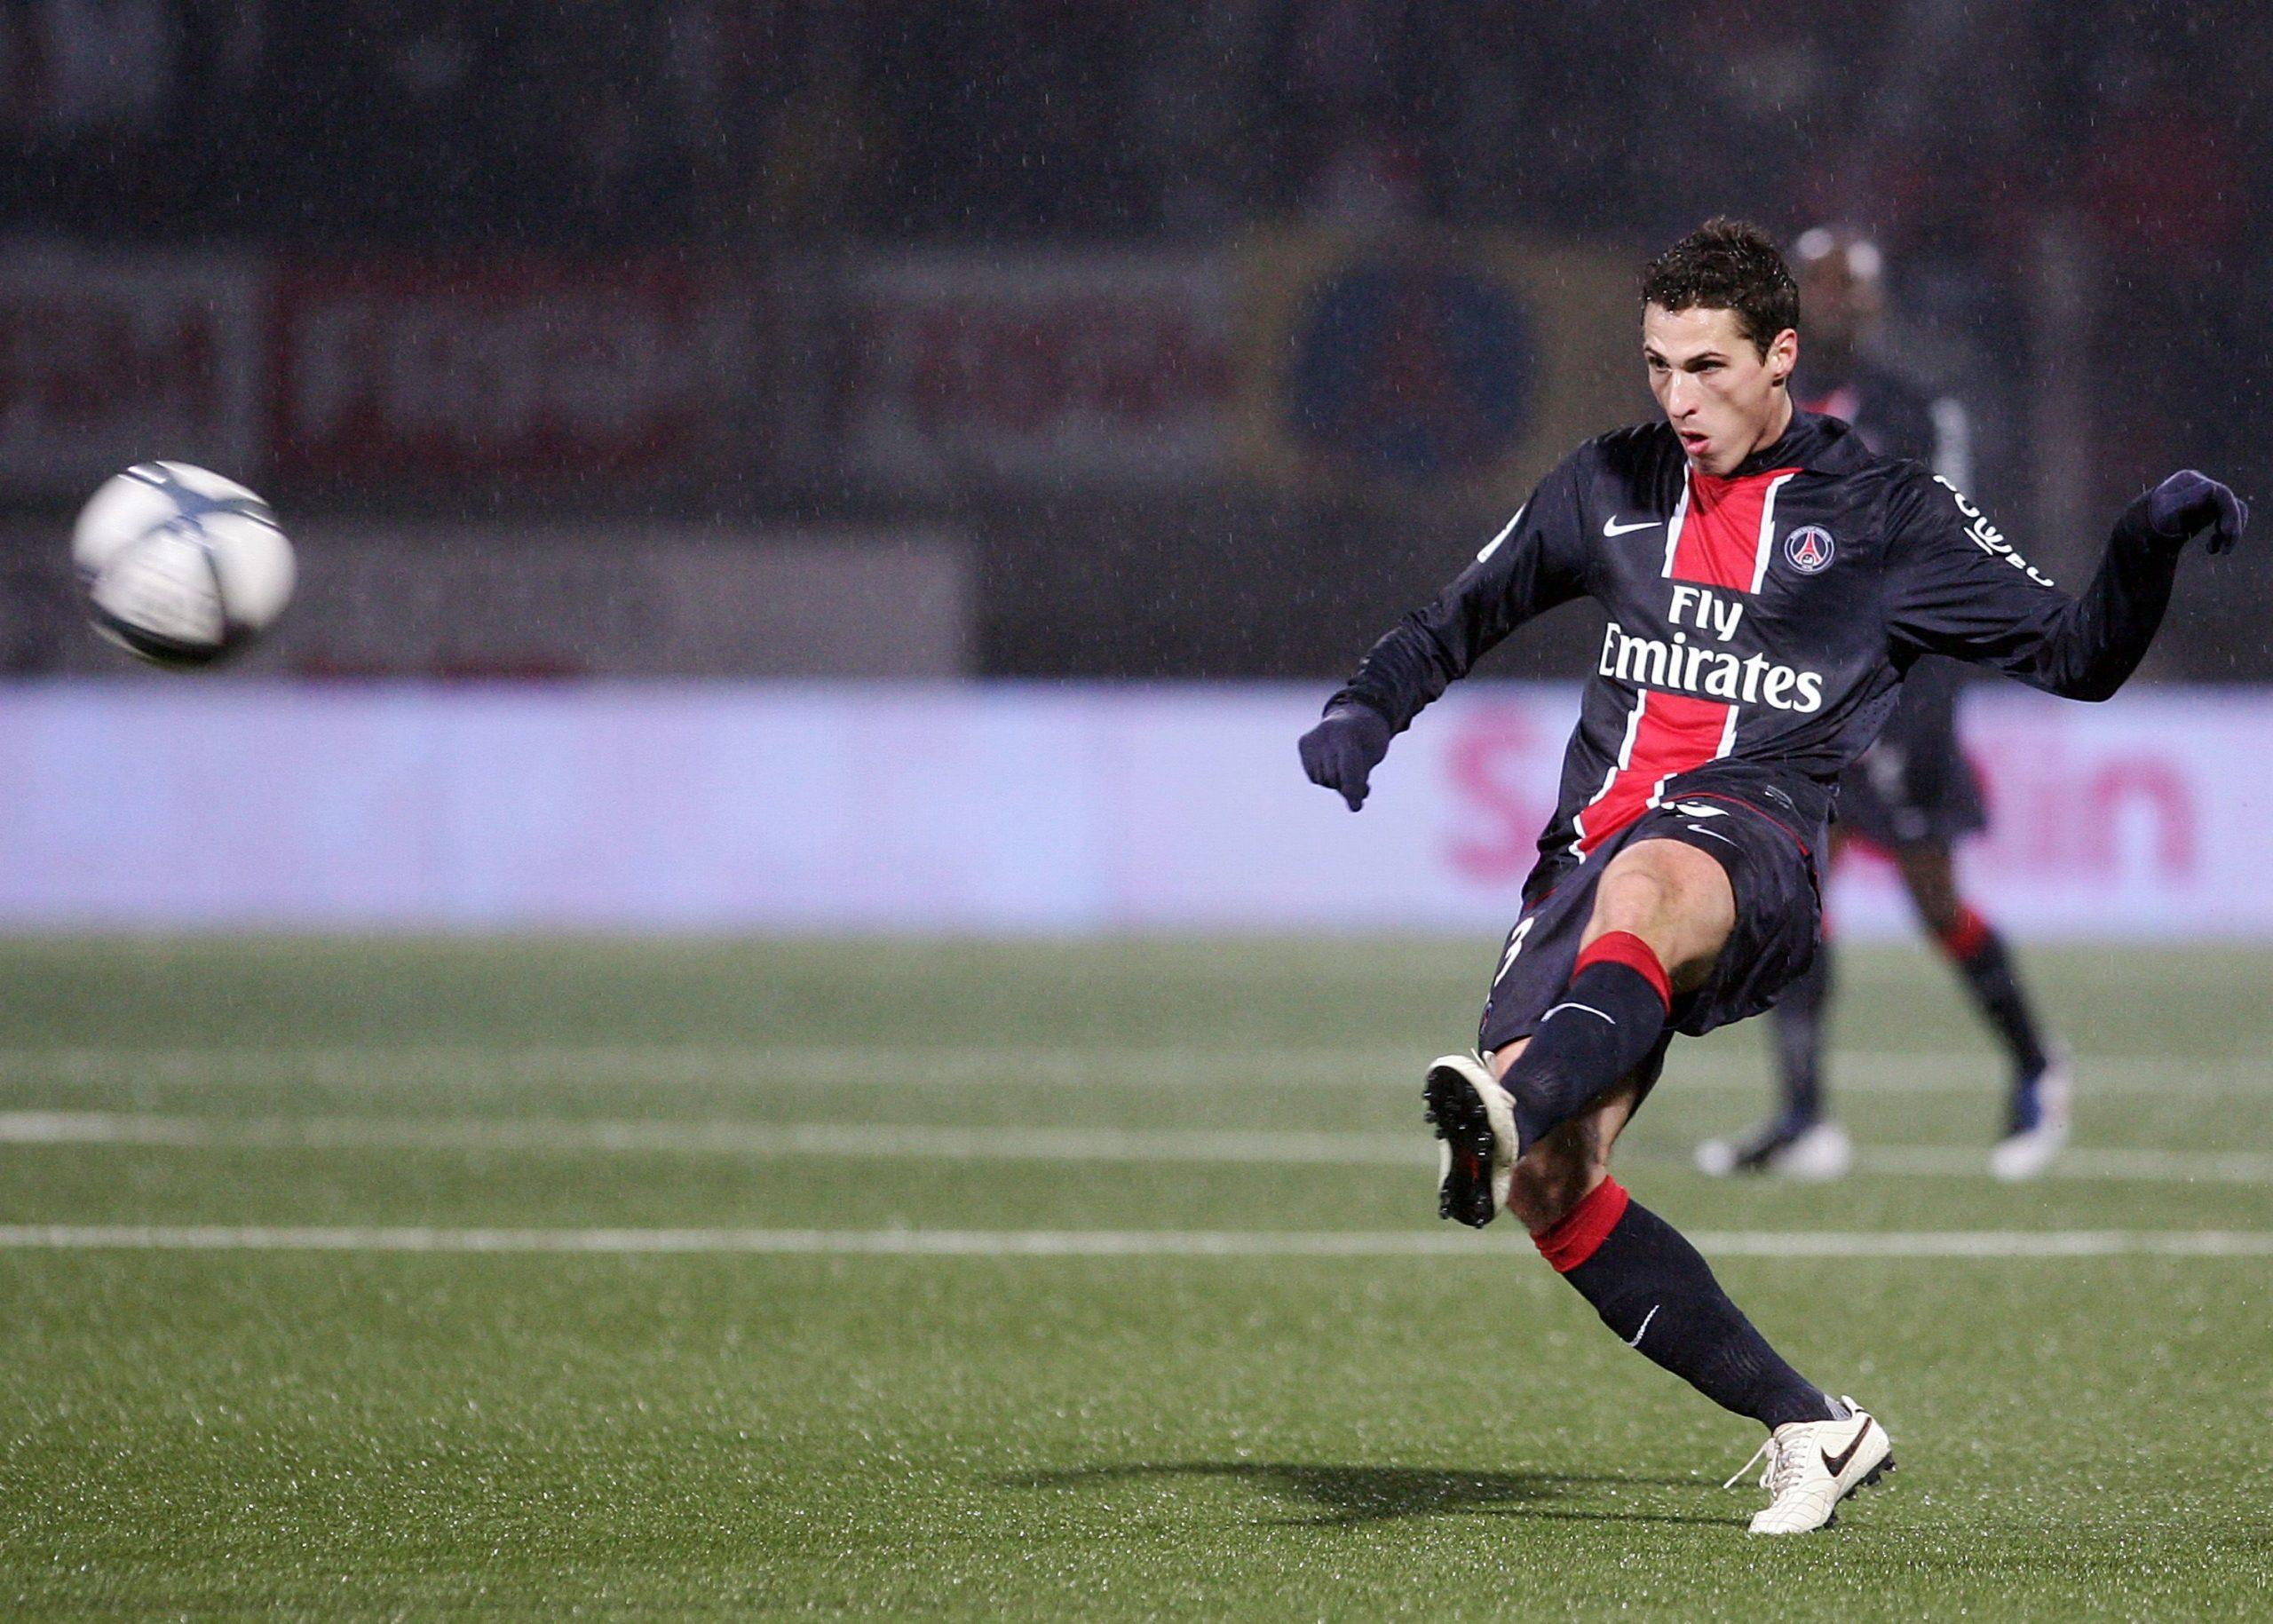 """Jérémy Clément évoque le """"vrai match"""" entre le PSG et l'ASSE, ainsi que la blessure de Mbappé"""